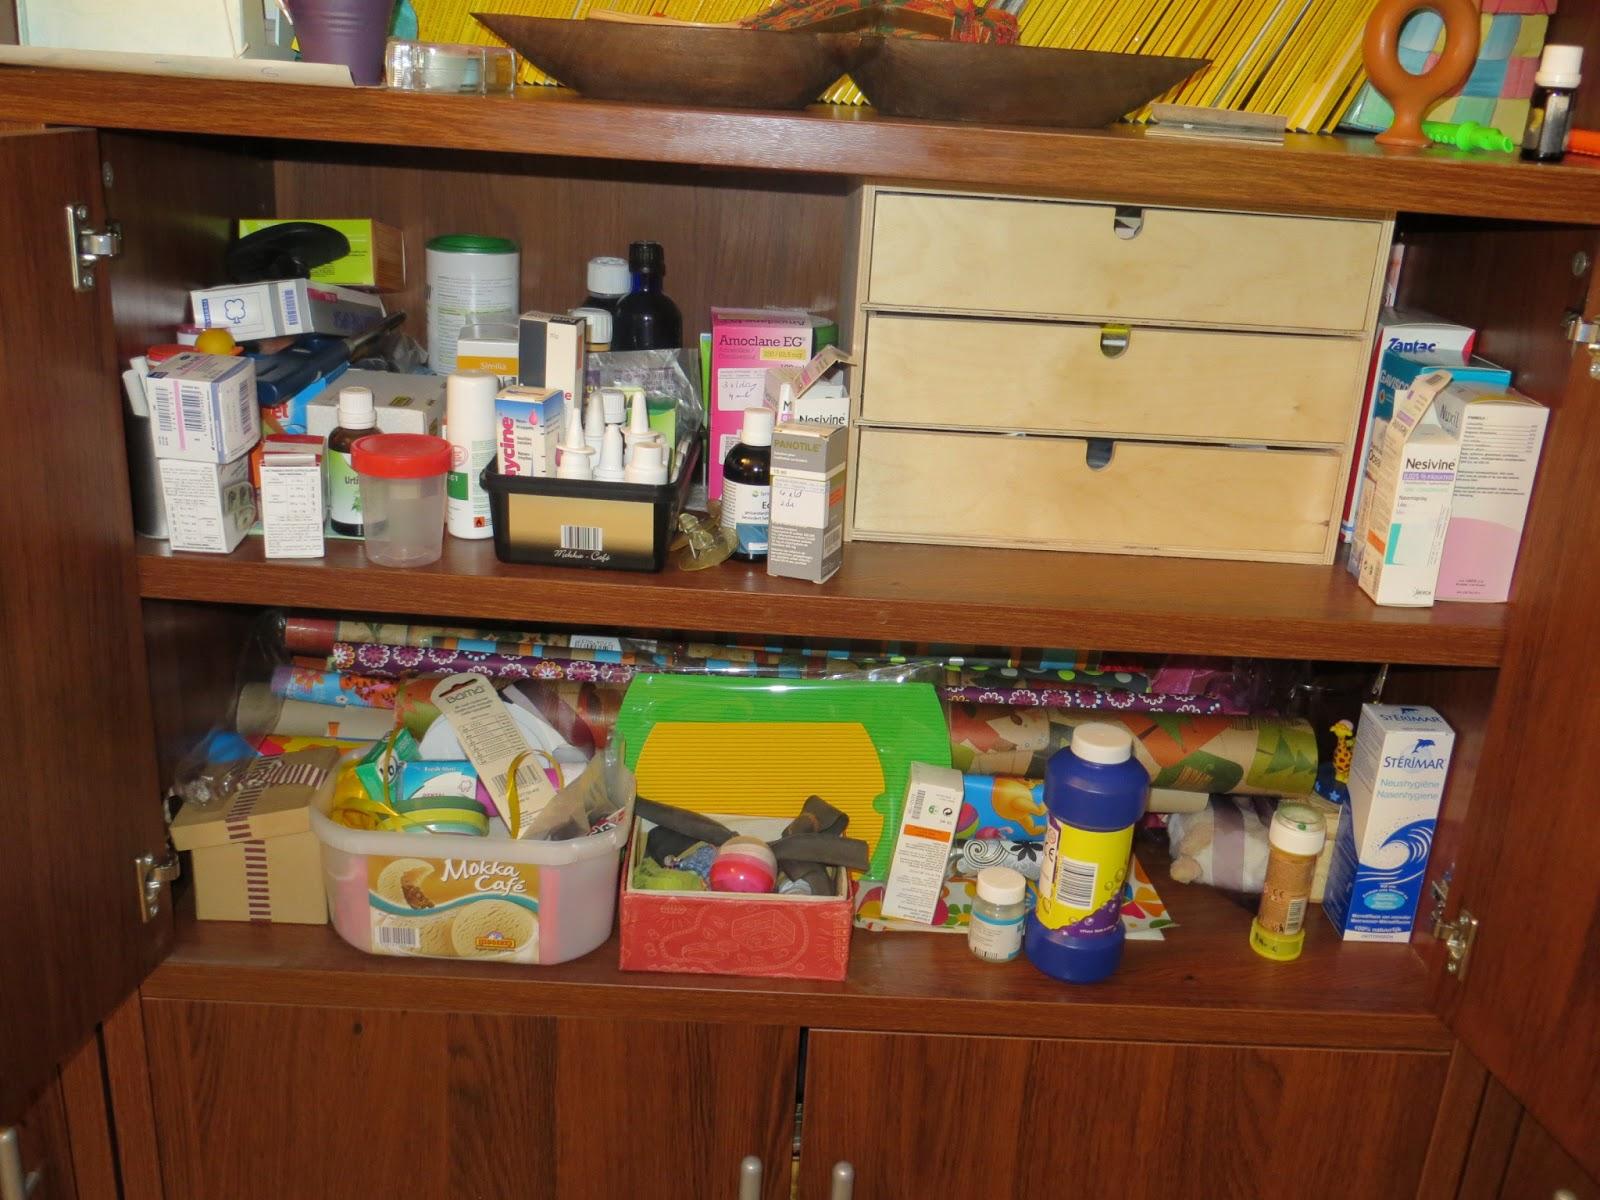 Huisje opruimen, stap voor stap  dag 22  medicijnen , eerste hulp en badkamerkastje